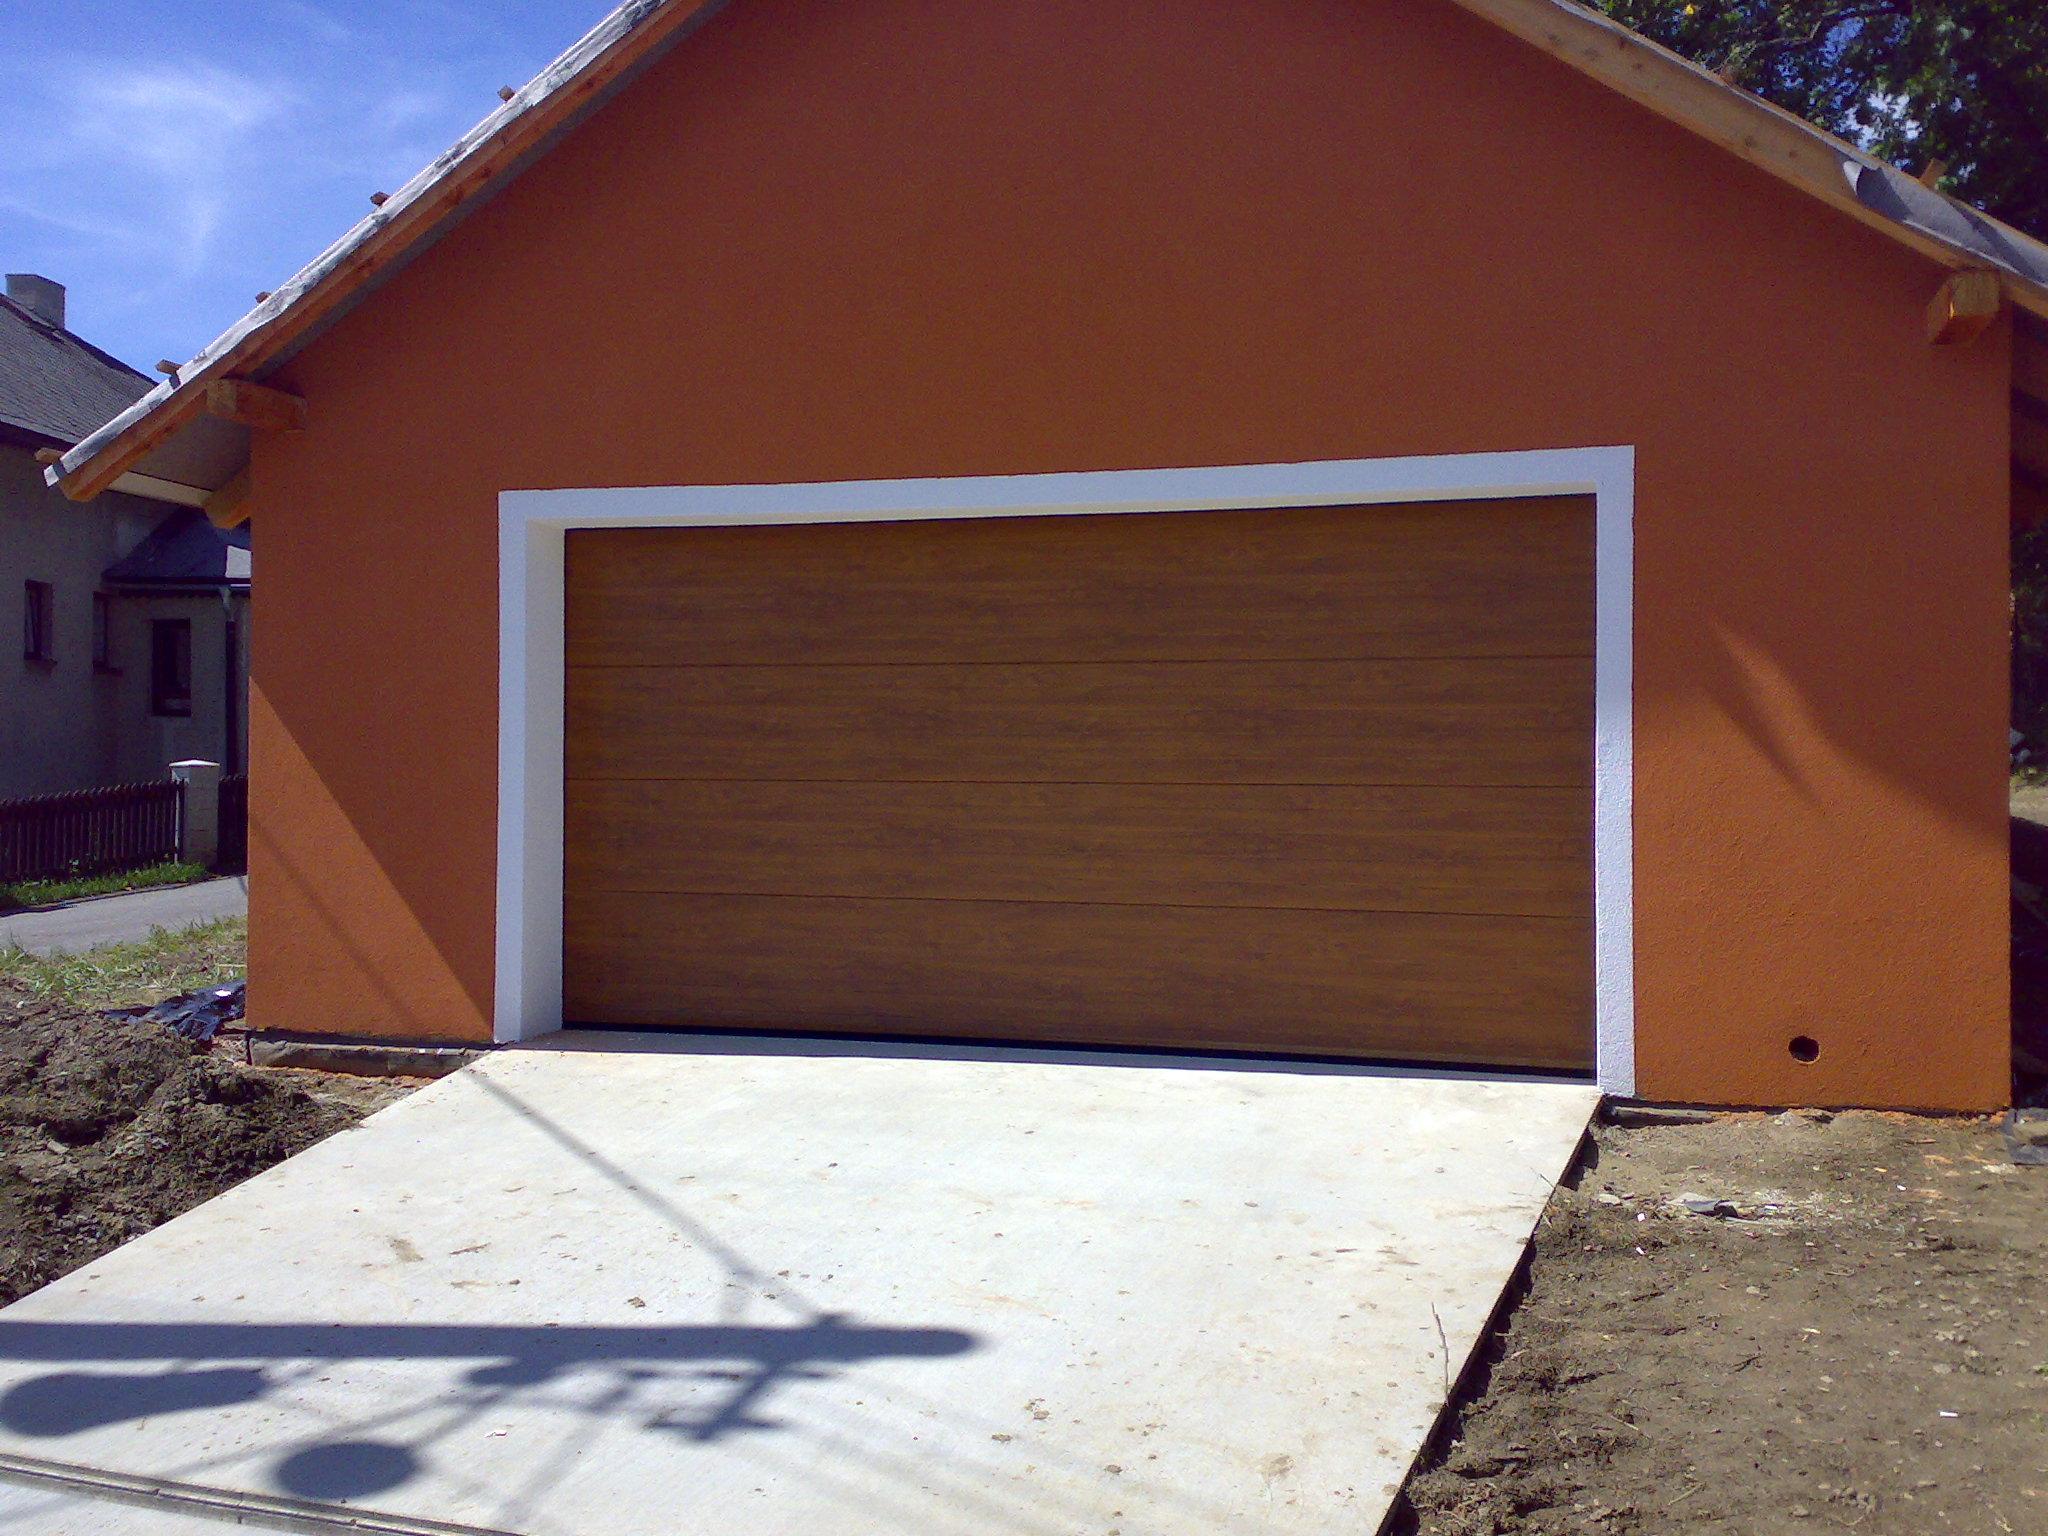 Pro oddělení prostor s rozdílnou vlhkostí použijte kyvná fóliová vrata